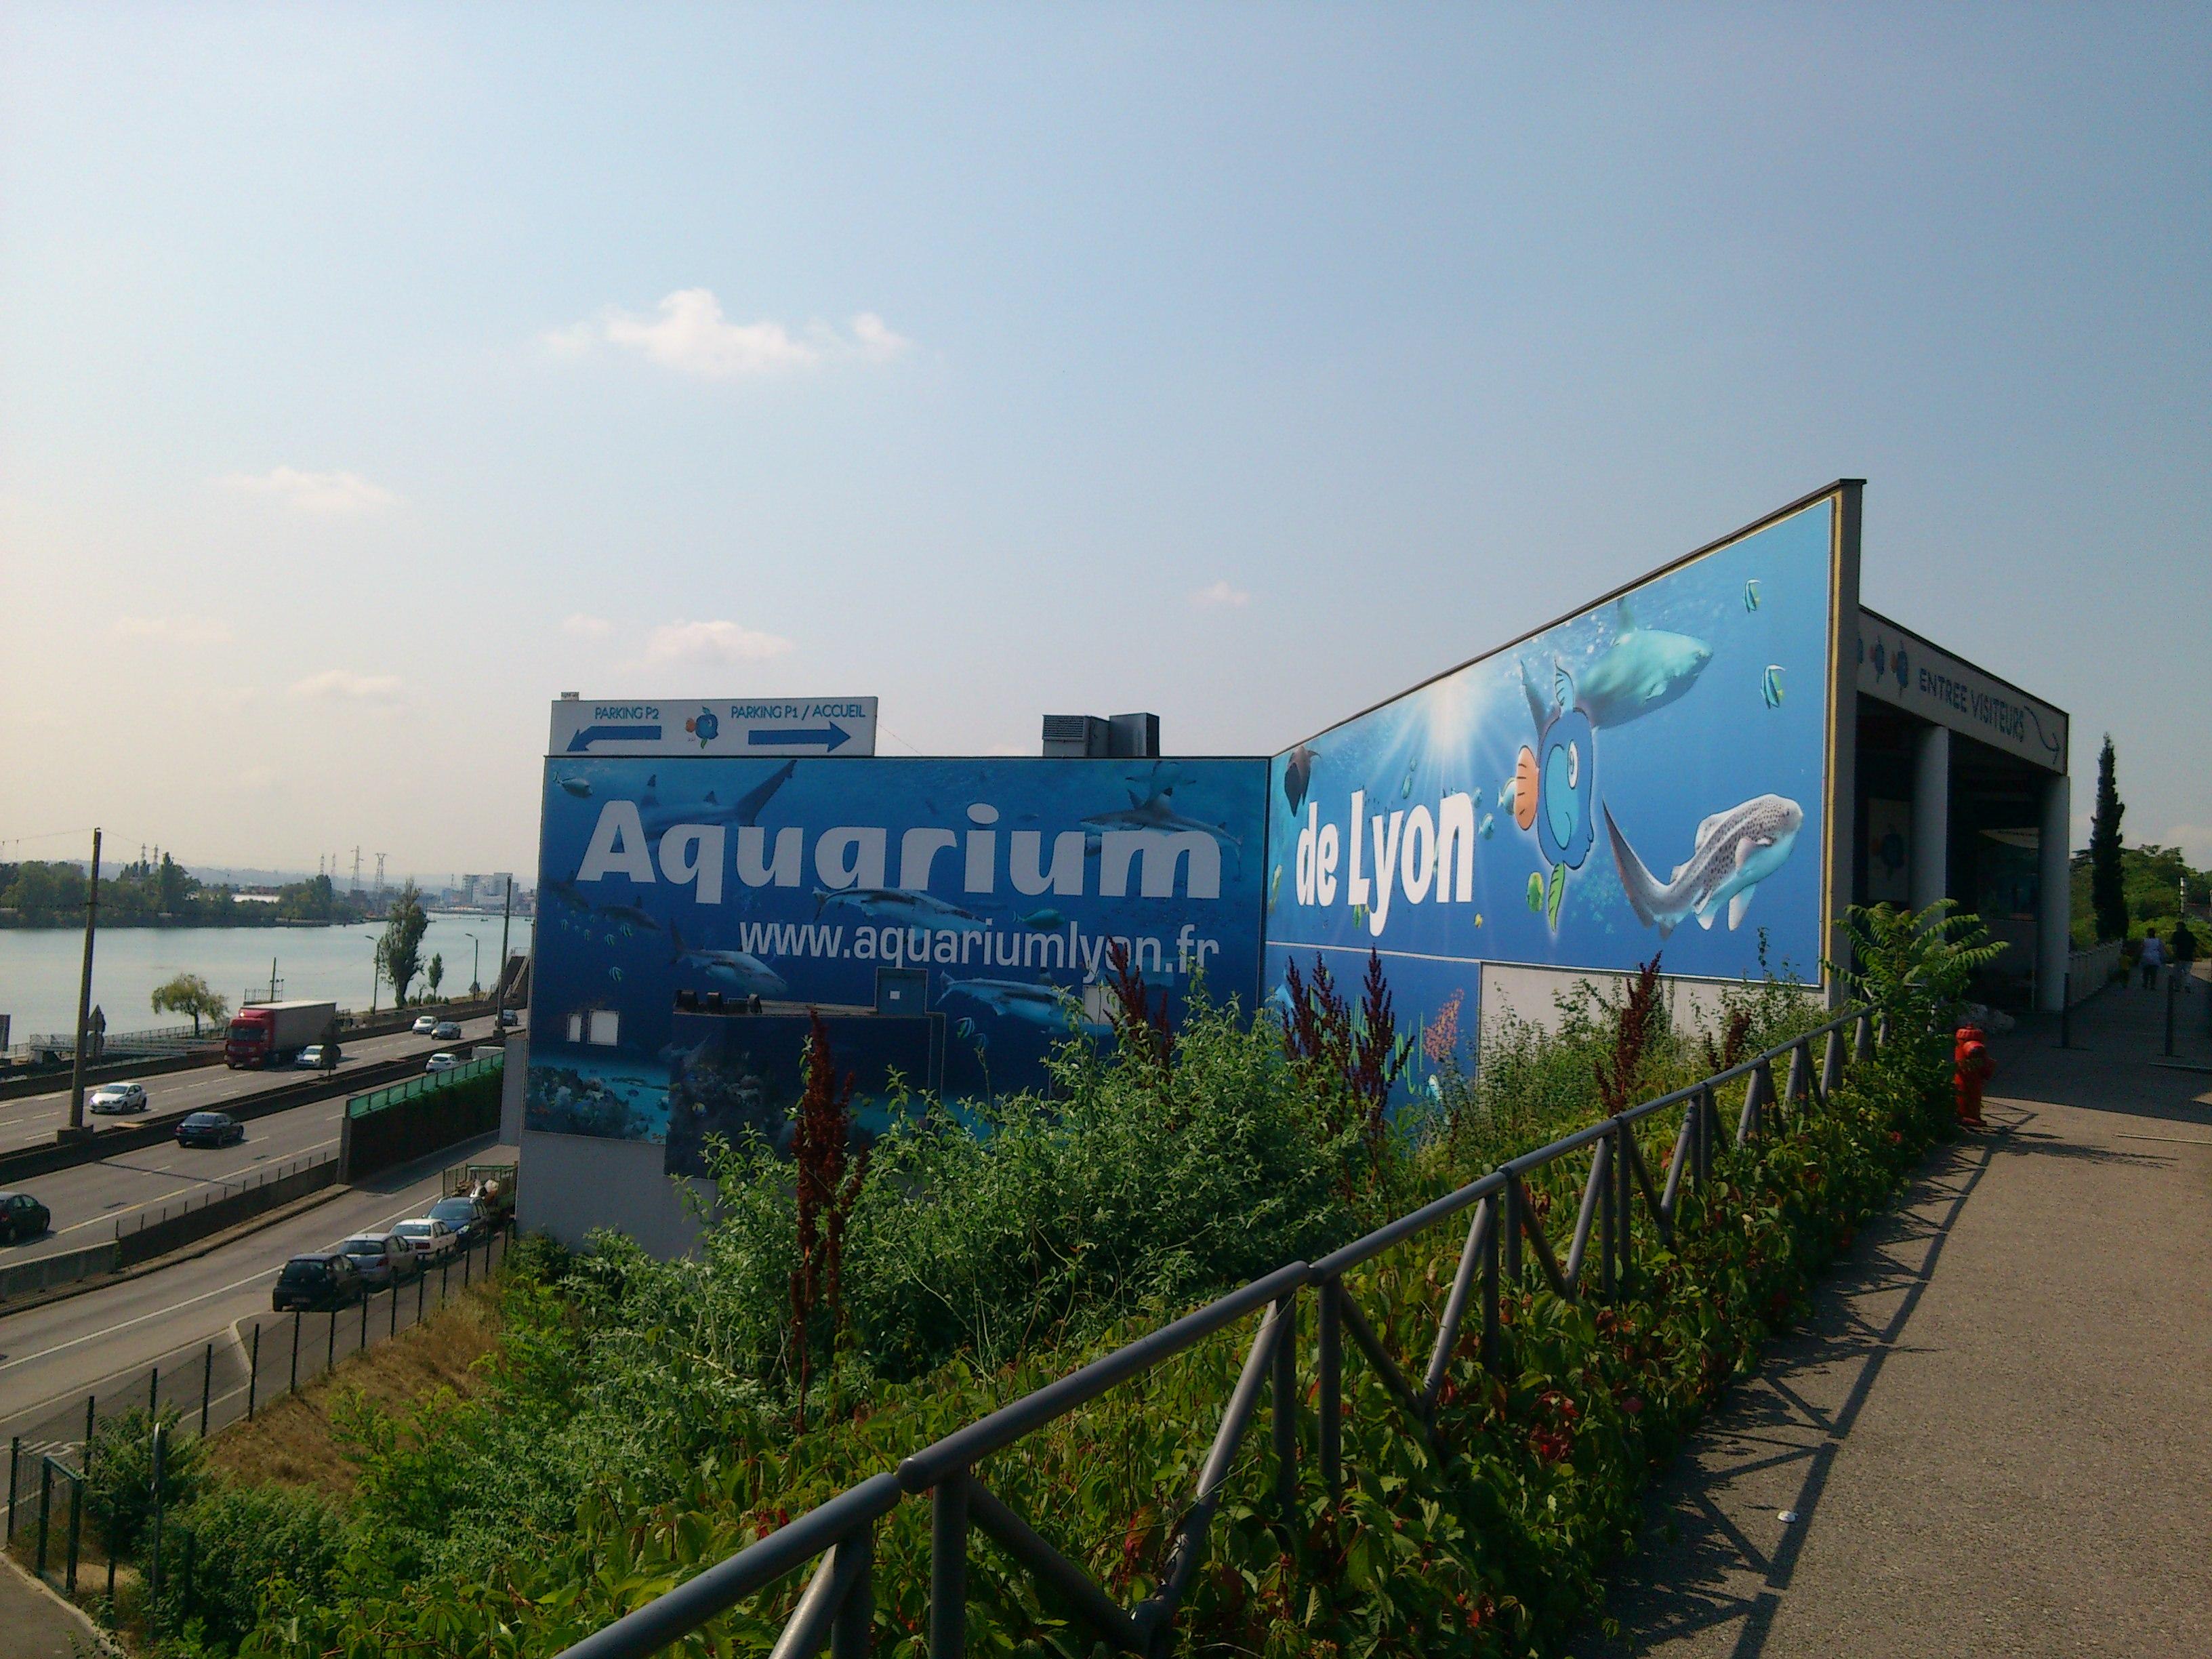 sortie 224 l aquarium de lyon 2014 ecole jeanne d arc la voulte